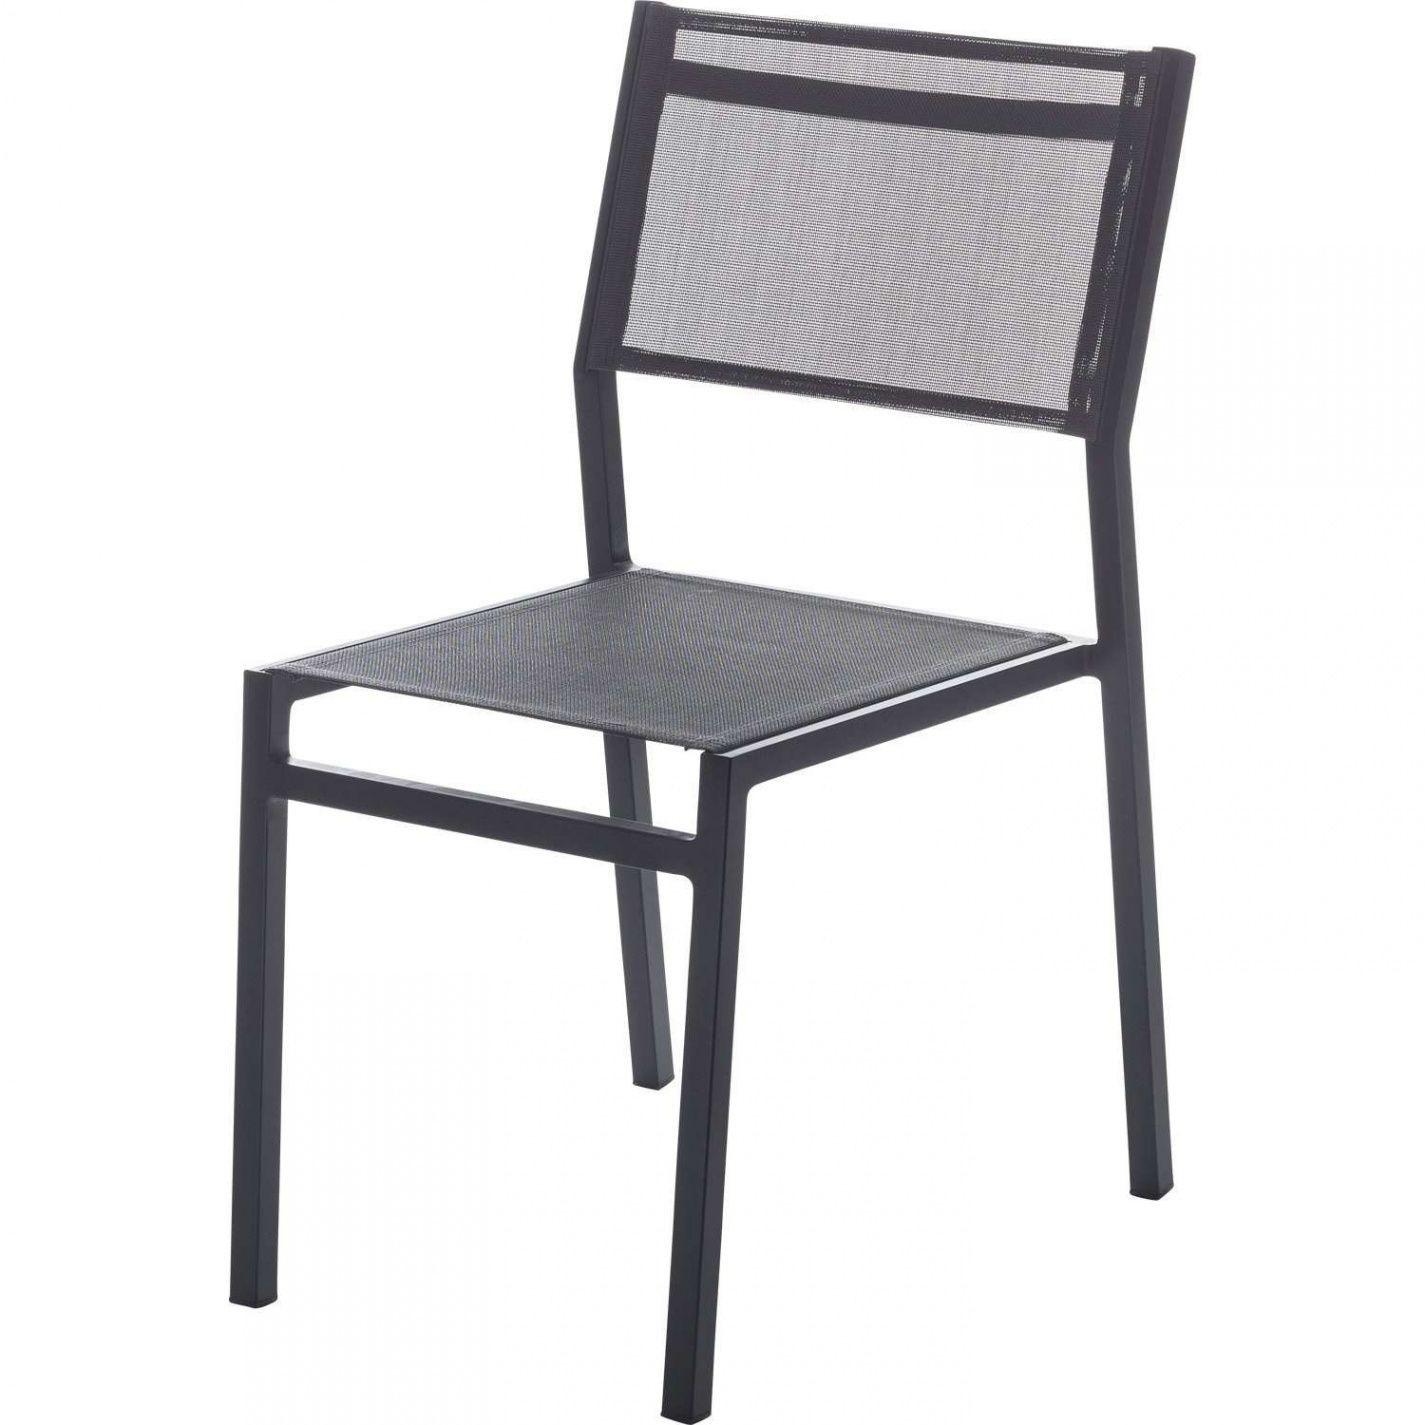 leroy merlin salon jardin salon jardin fauteuil avec leroy merlin chaise fauteuil of leroy merlin salon jardin